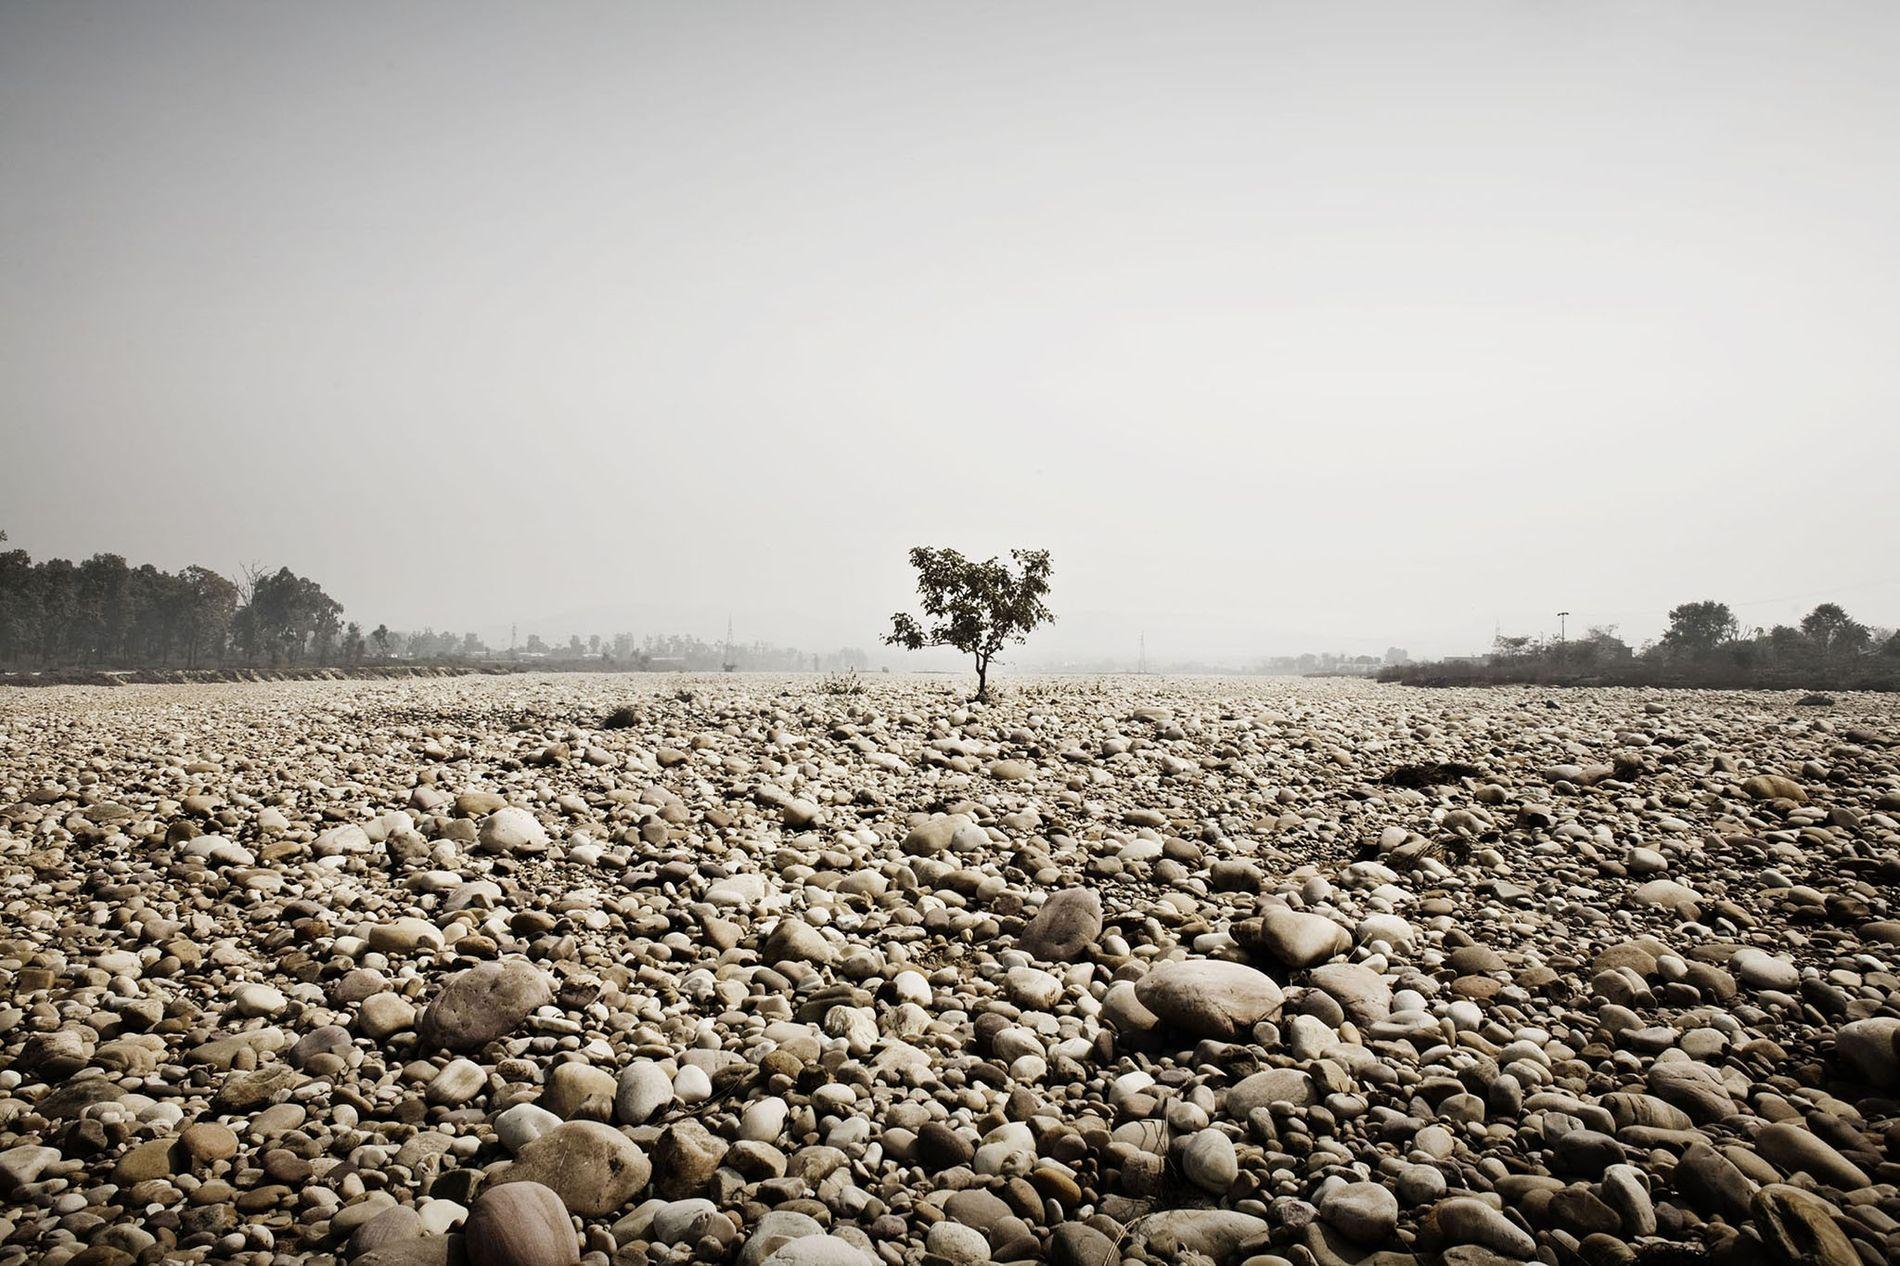 L'un des affluents du Ganges près de Haridwar devient aride pendant la saison chaude.